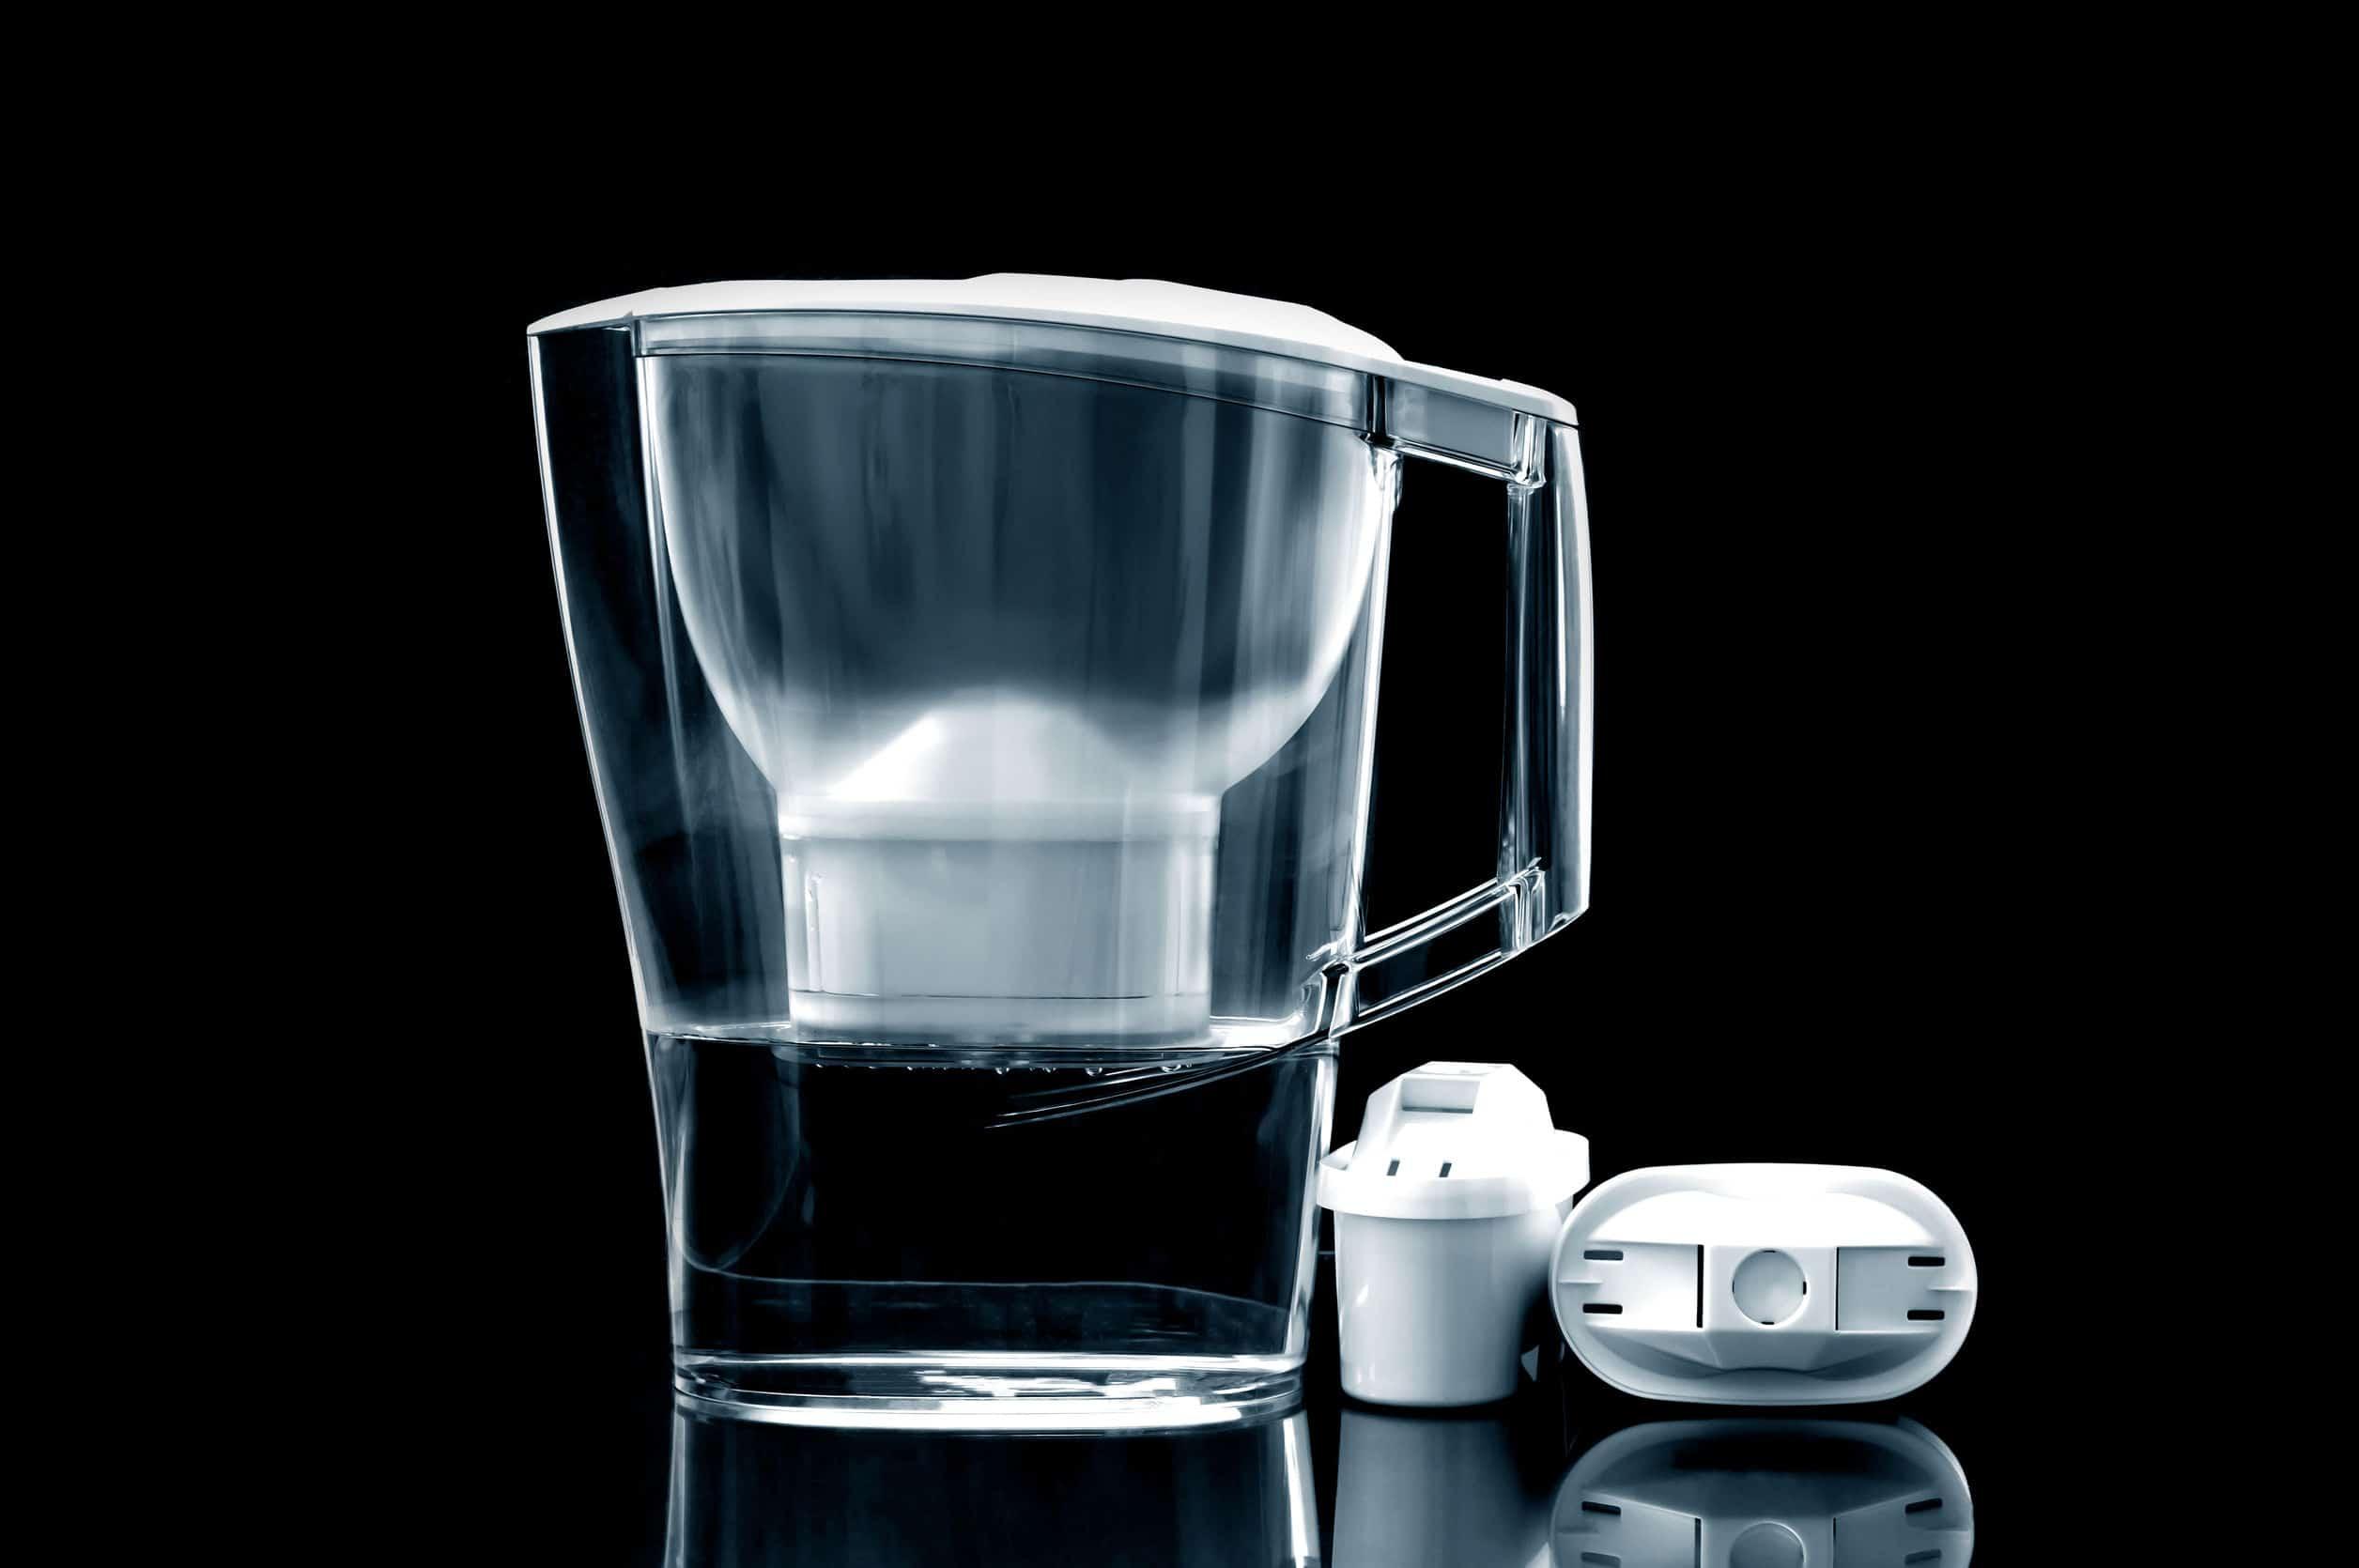 Wasserfilter Kartusche: Test & Empfehlungen (01/20)